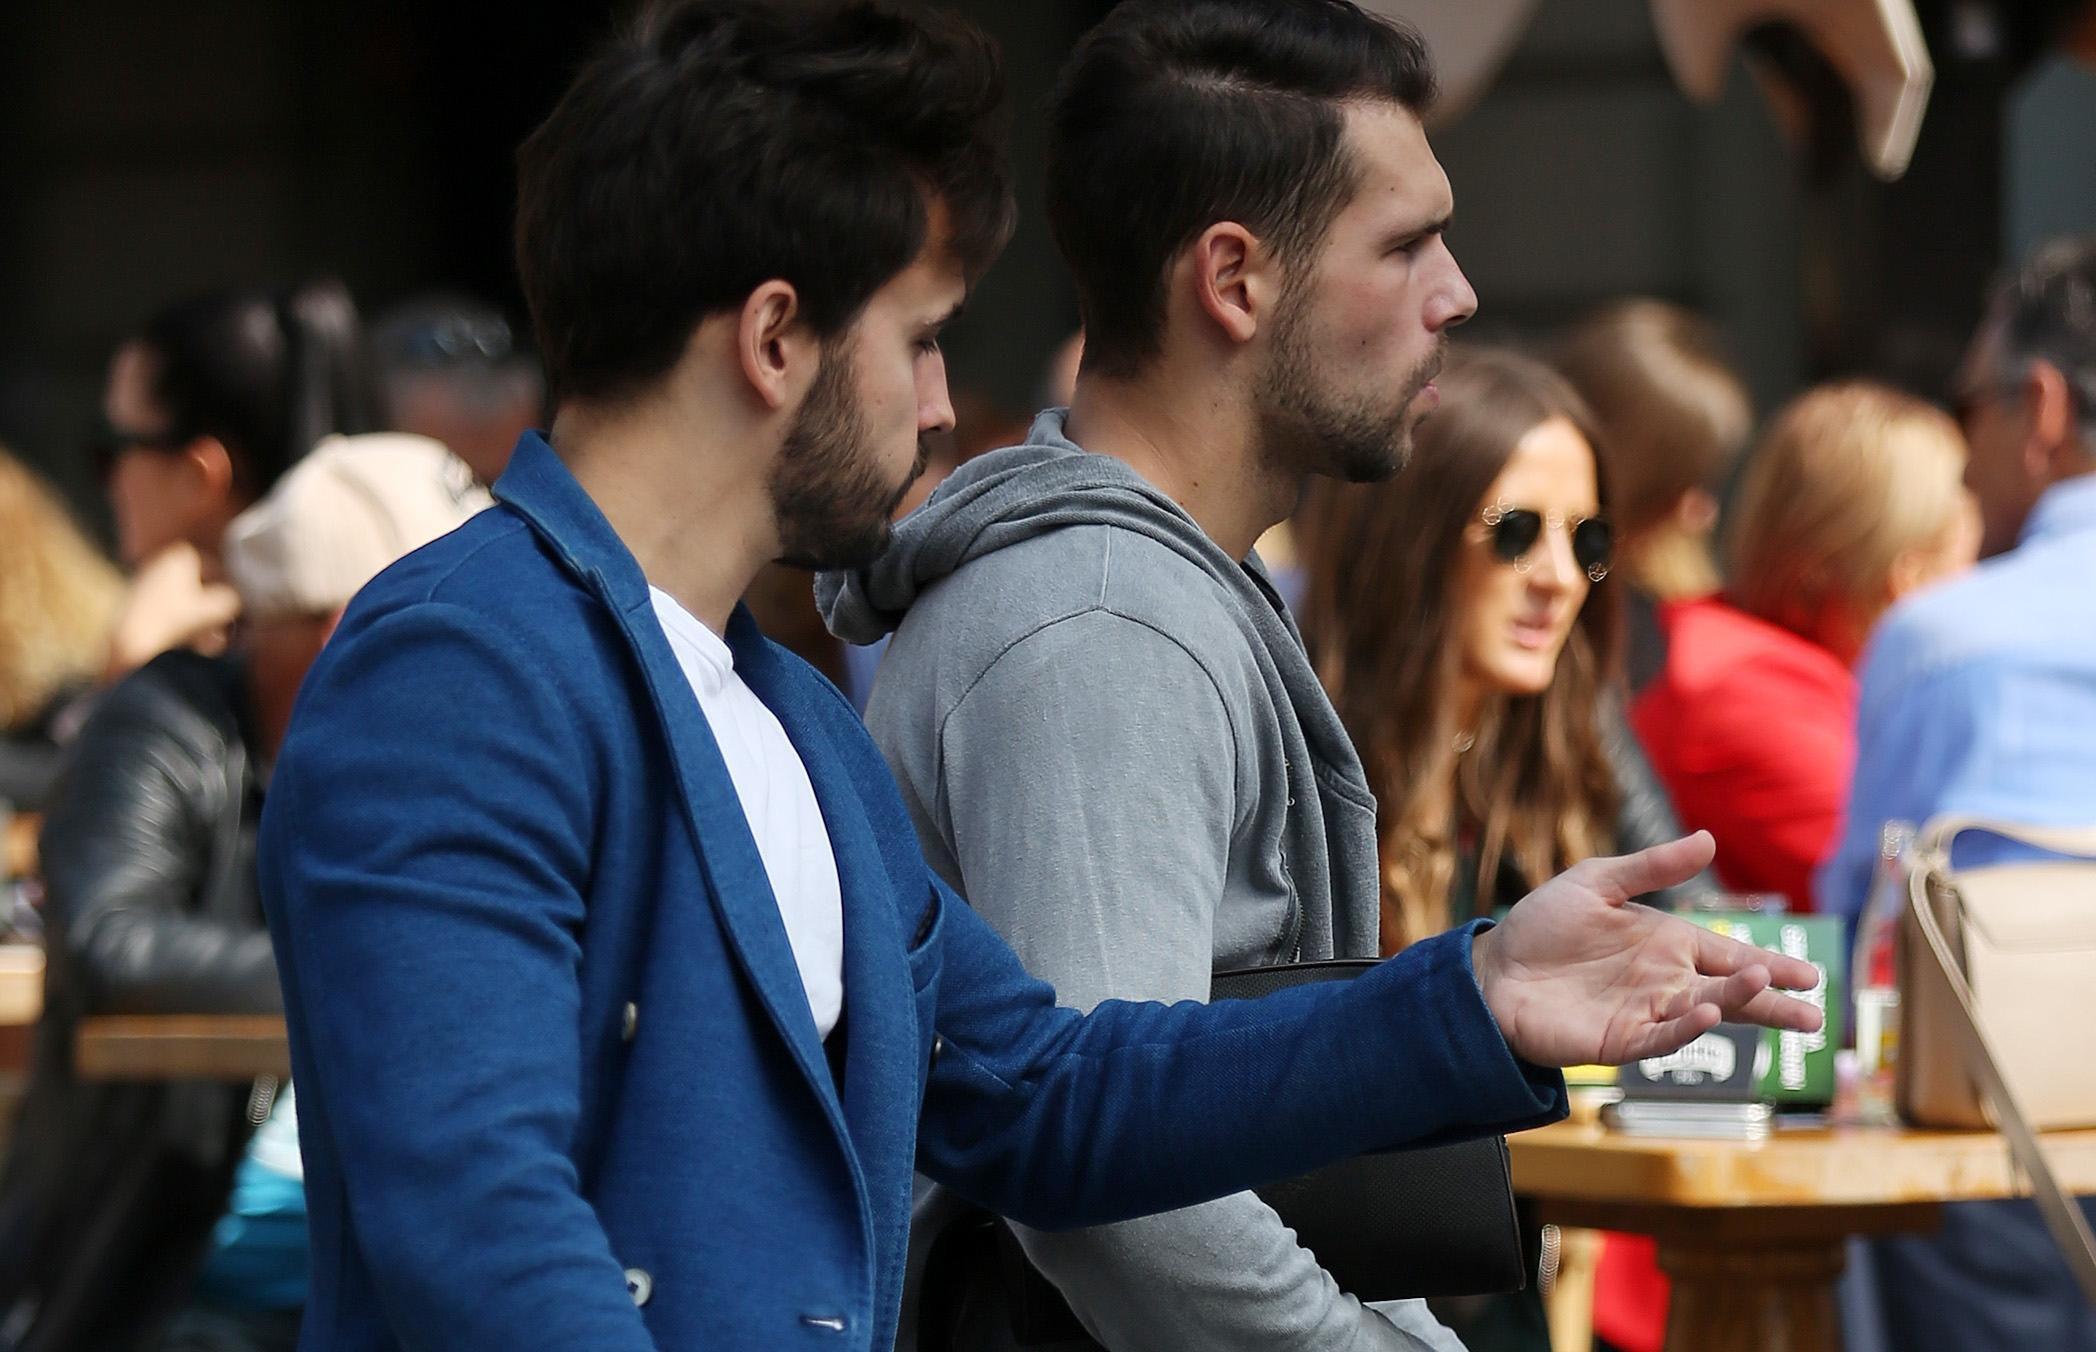 Ovaj frajer na špici nosi hlače kakve se brojni muškarci ne bi usudili nositi